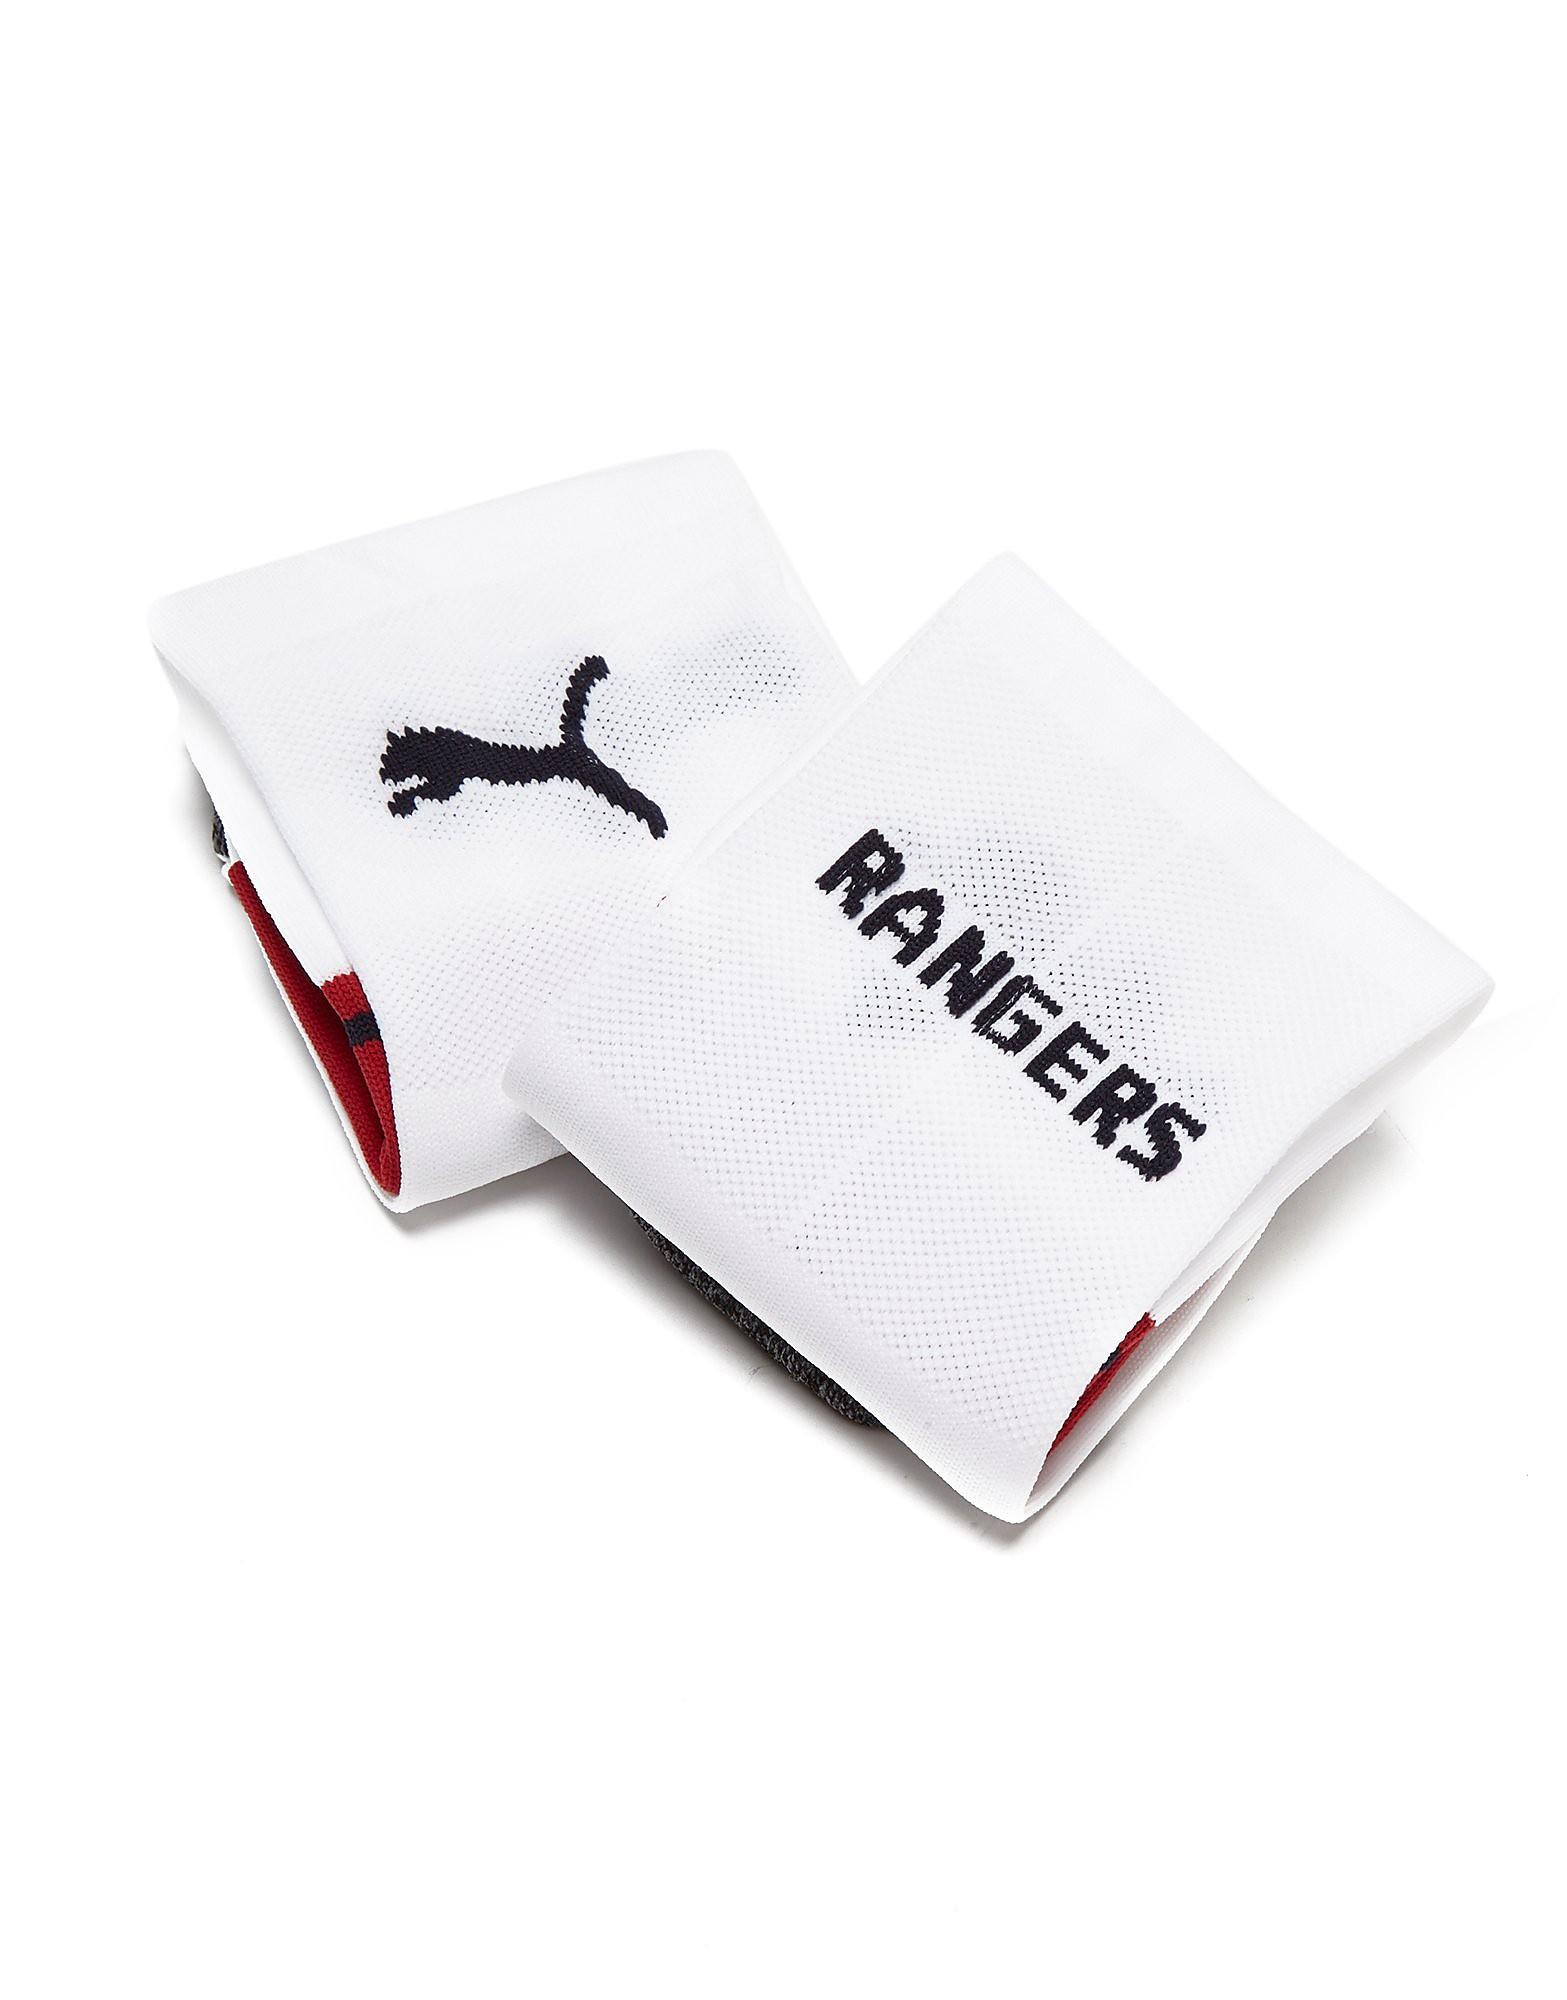 PUMA Rangers FC 2016/17 Away Socks